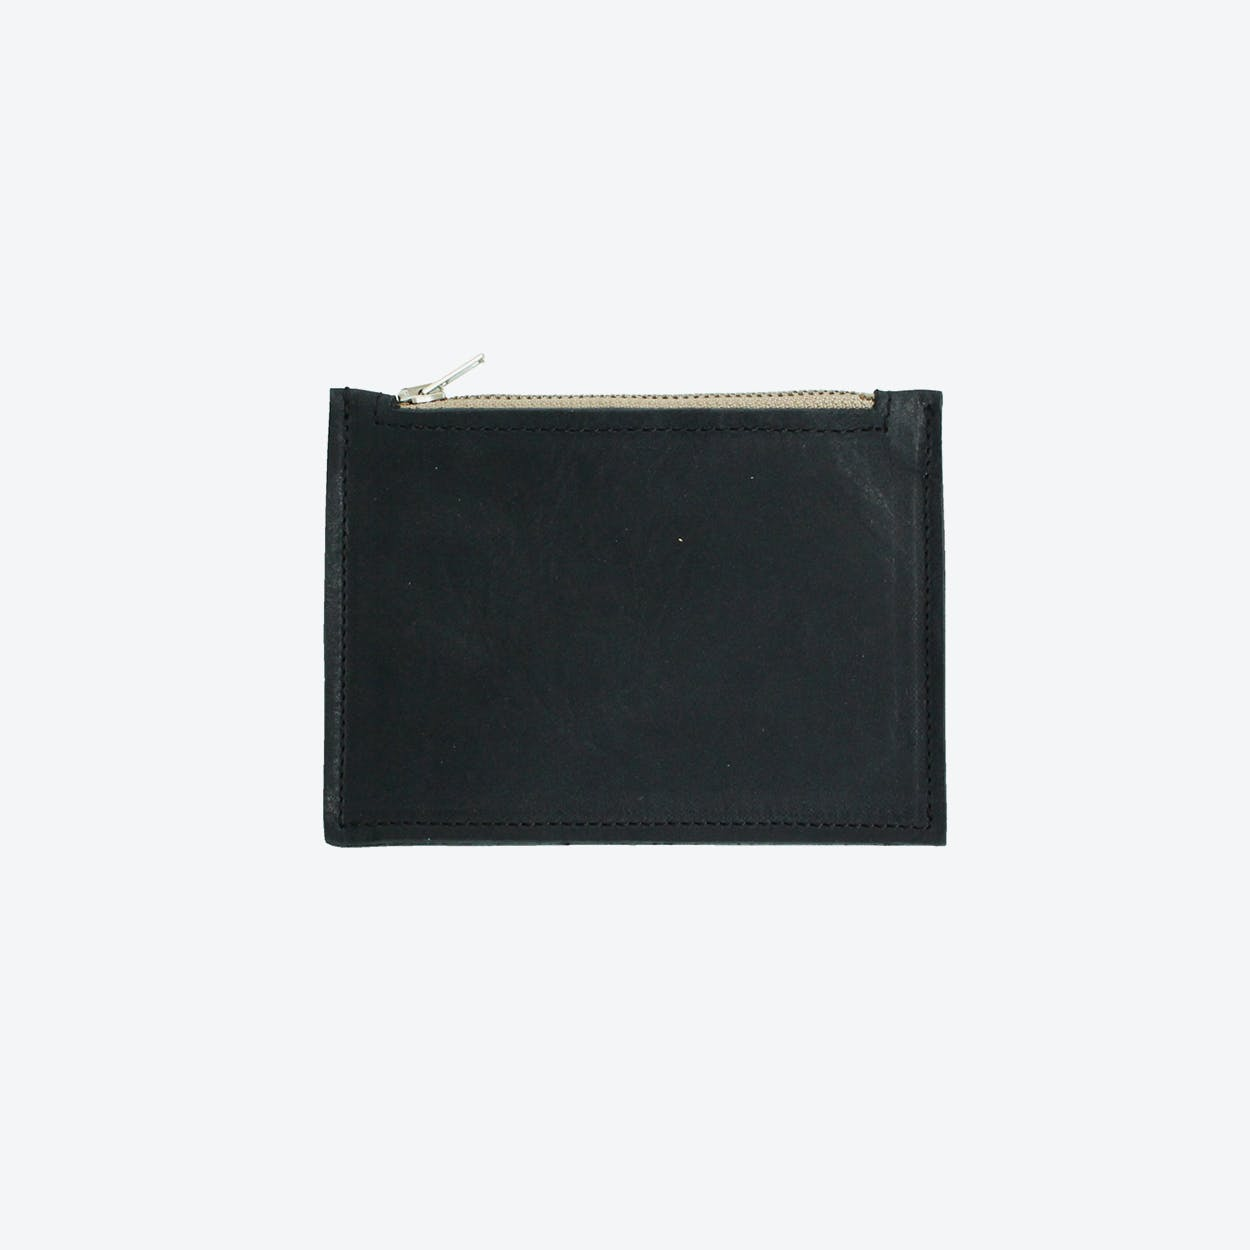 Cardholder - Black